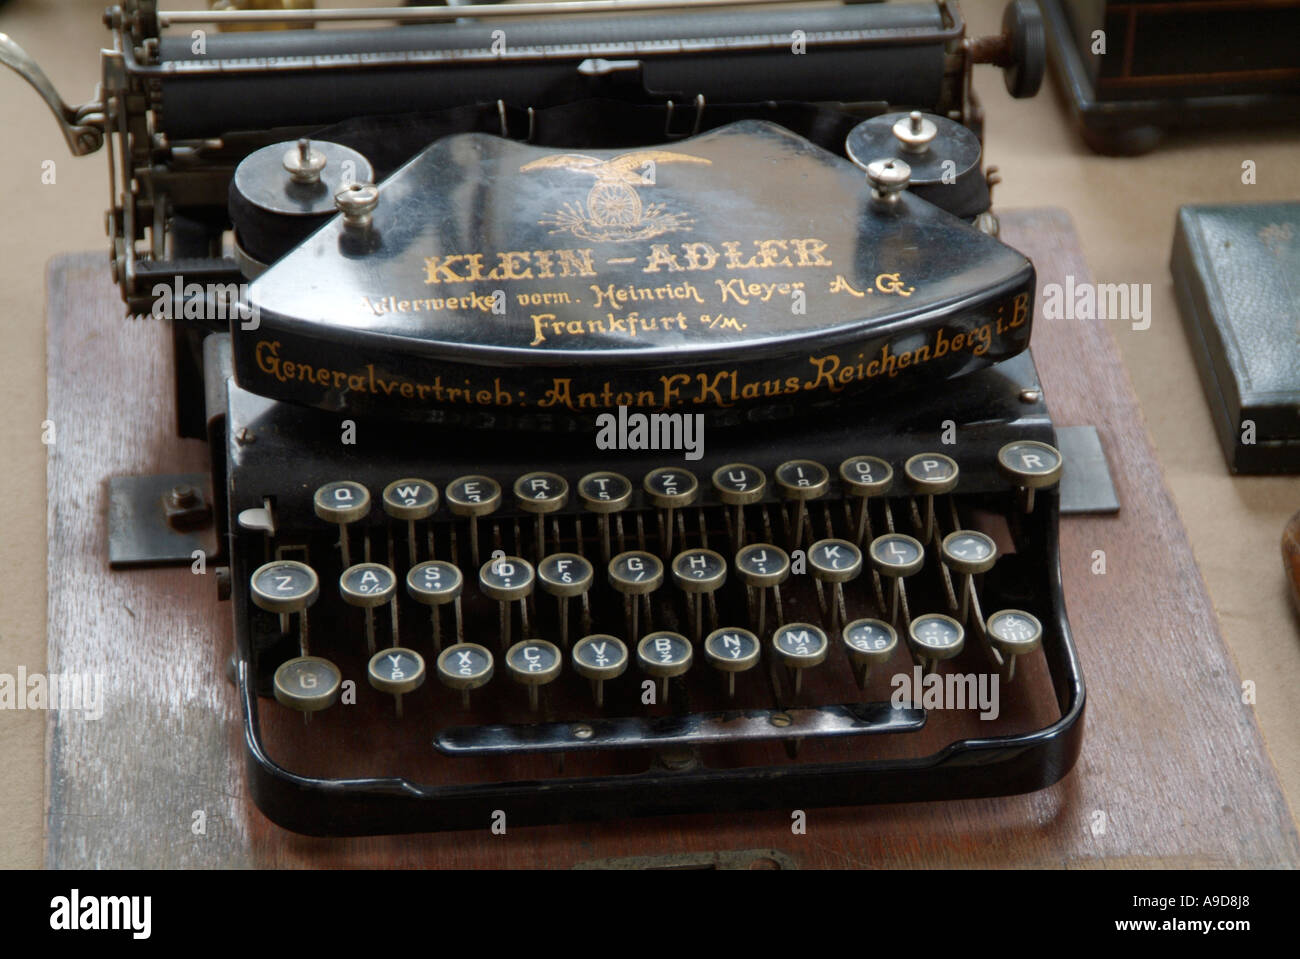 Typewriter Qwerty Stock Photos & Typewriter Qwerty Stock ...